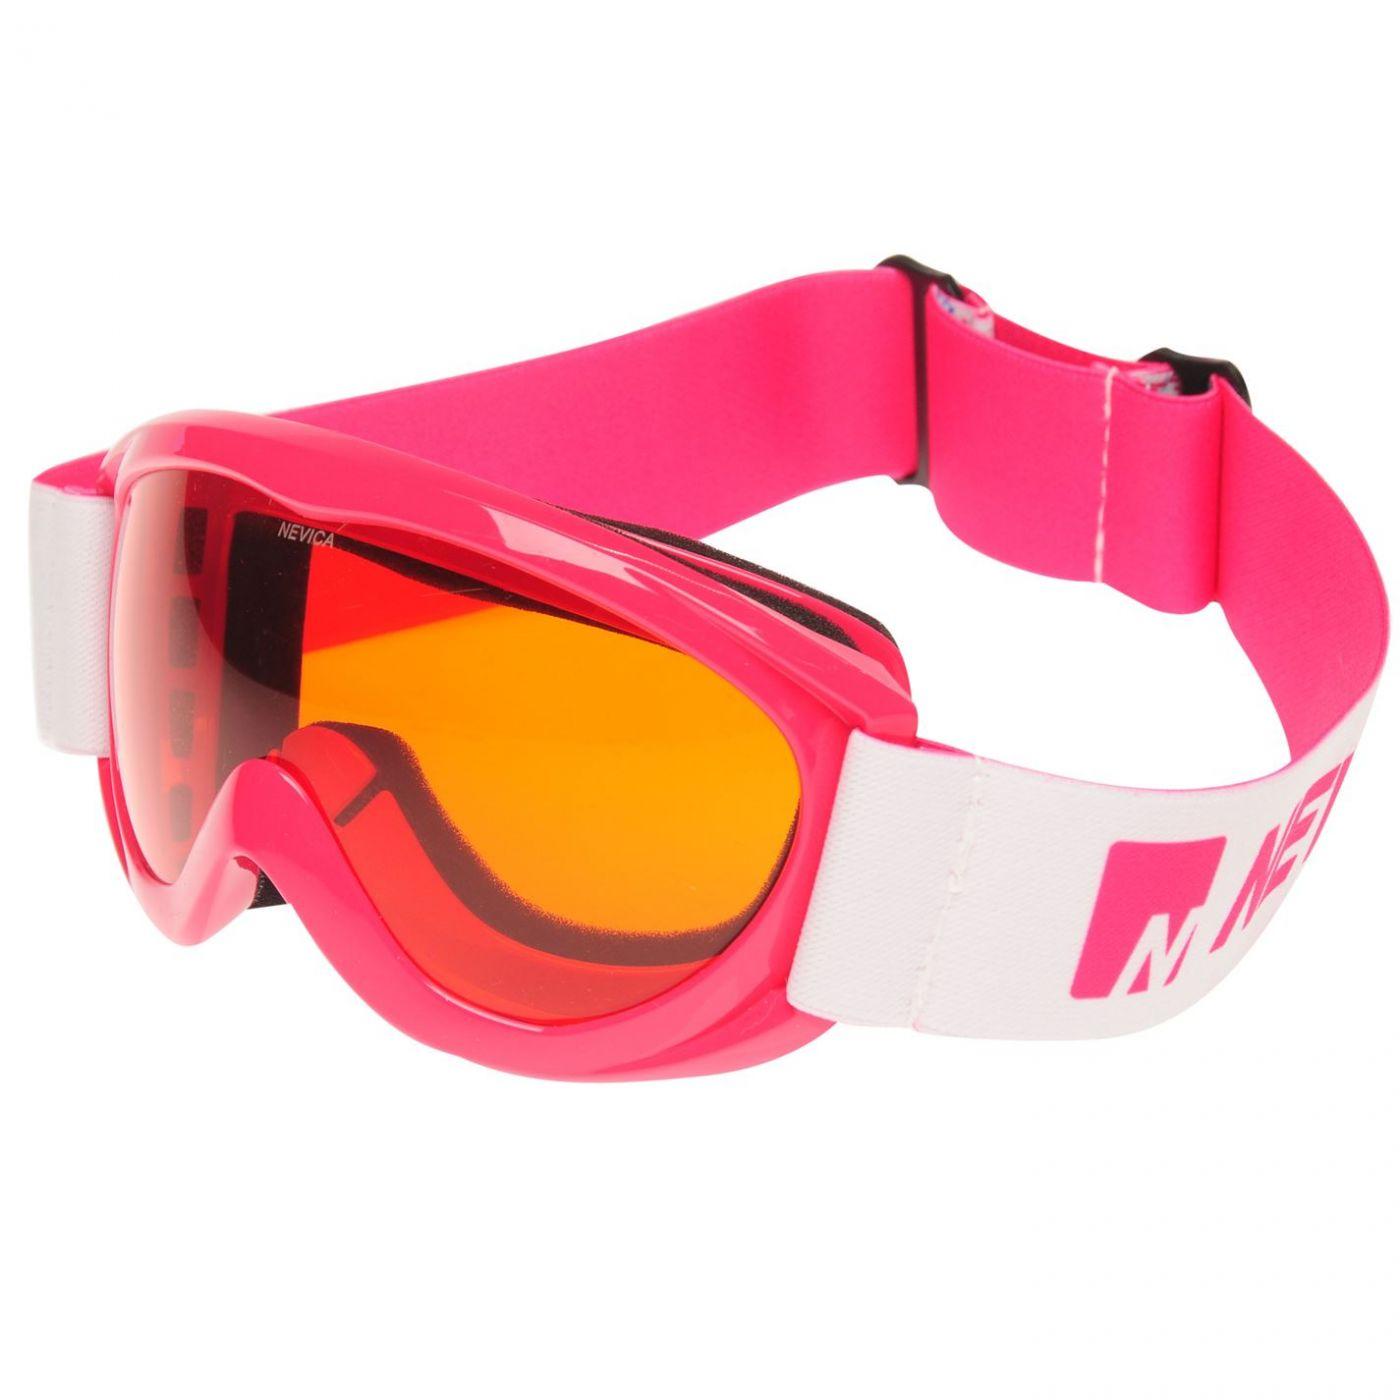 Nevica Meribel Ski Goggles Juniors